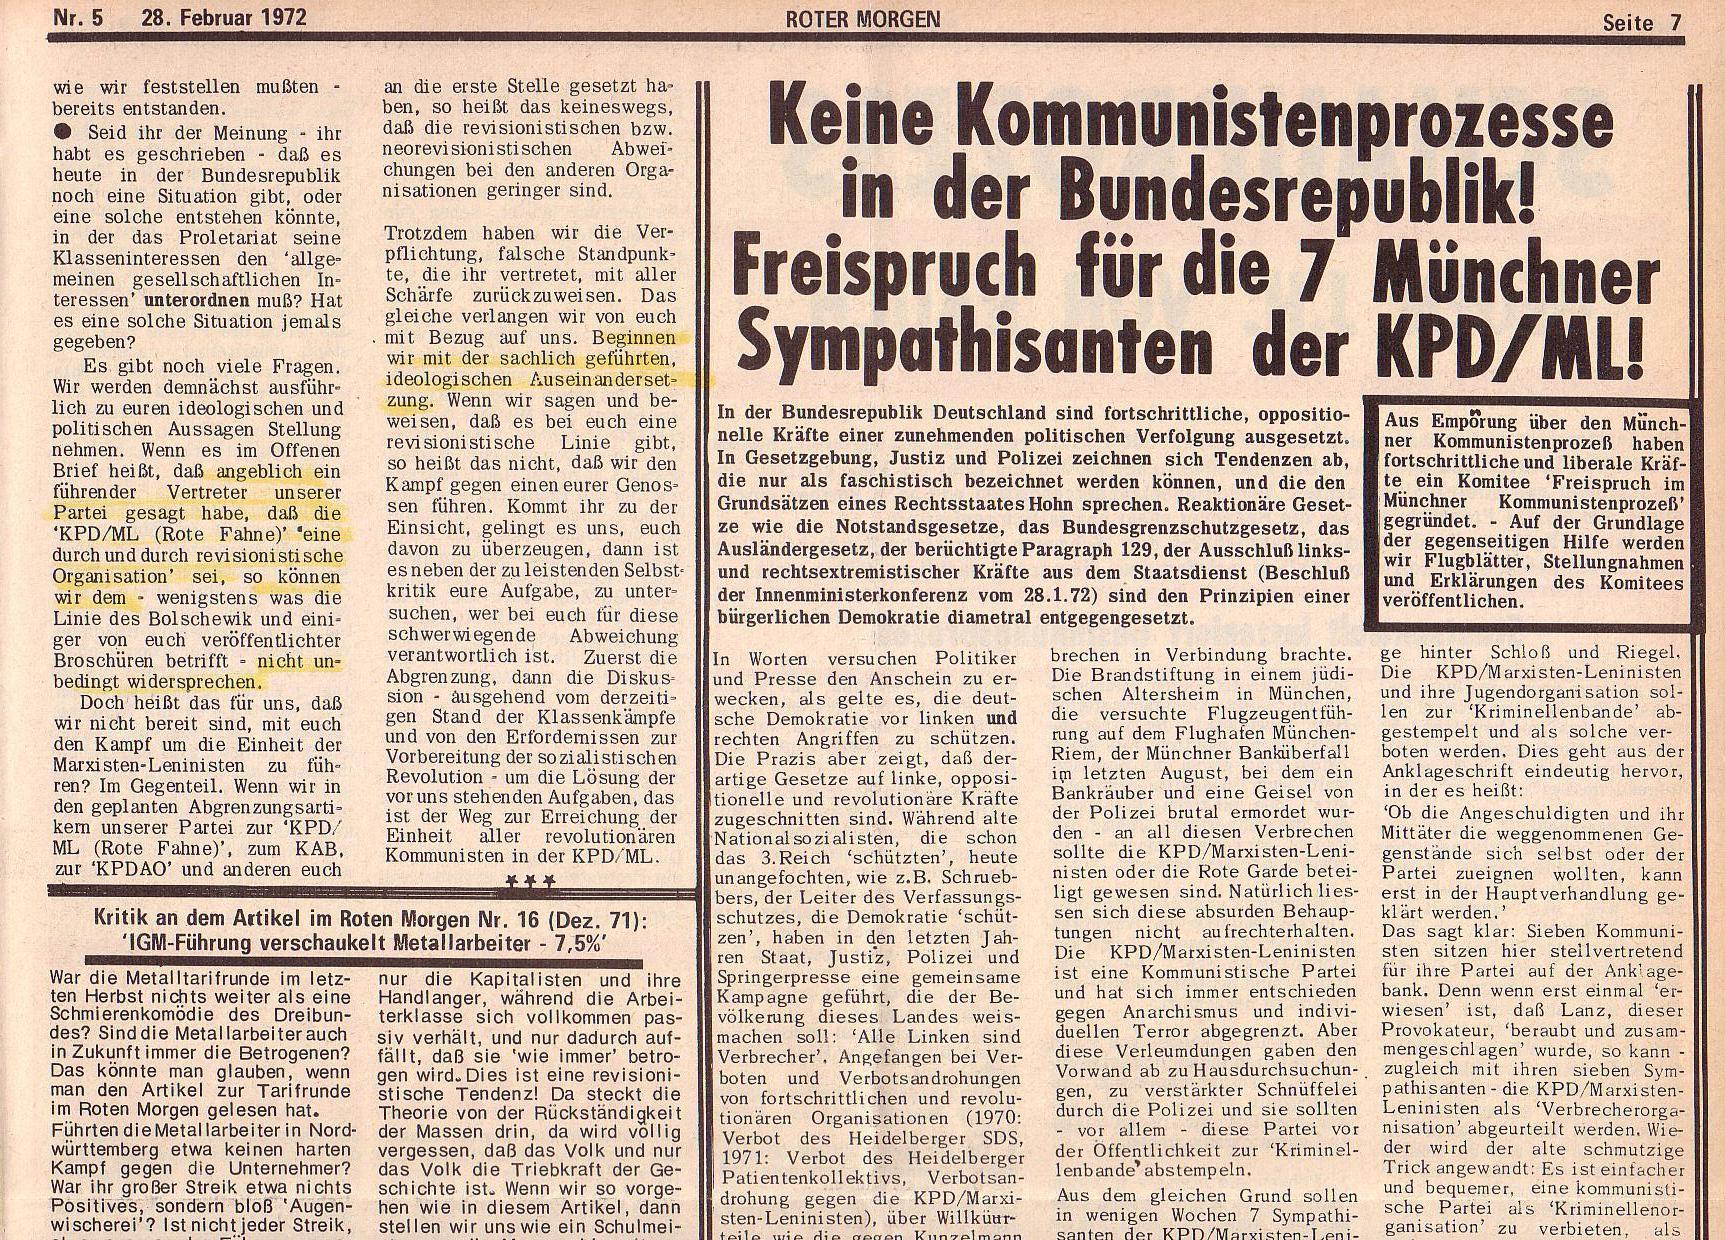 Roter Morgen, 6. Jg., 28. Februar 1972, Nr. 5, Seite 7a